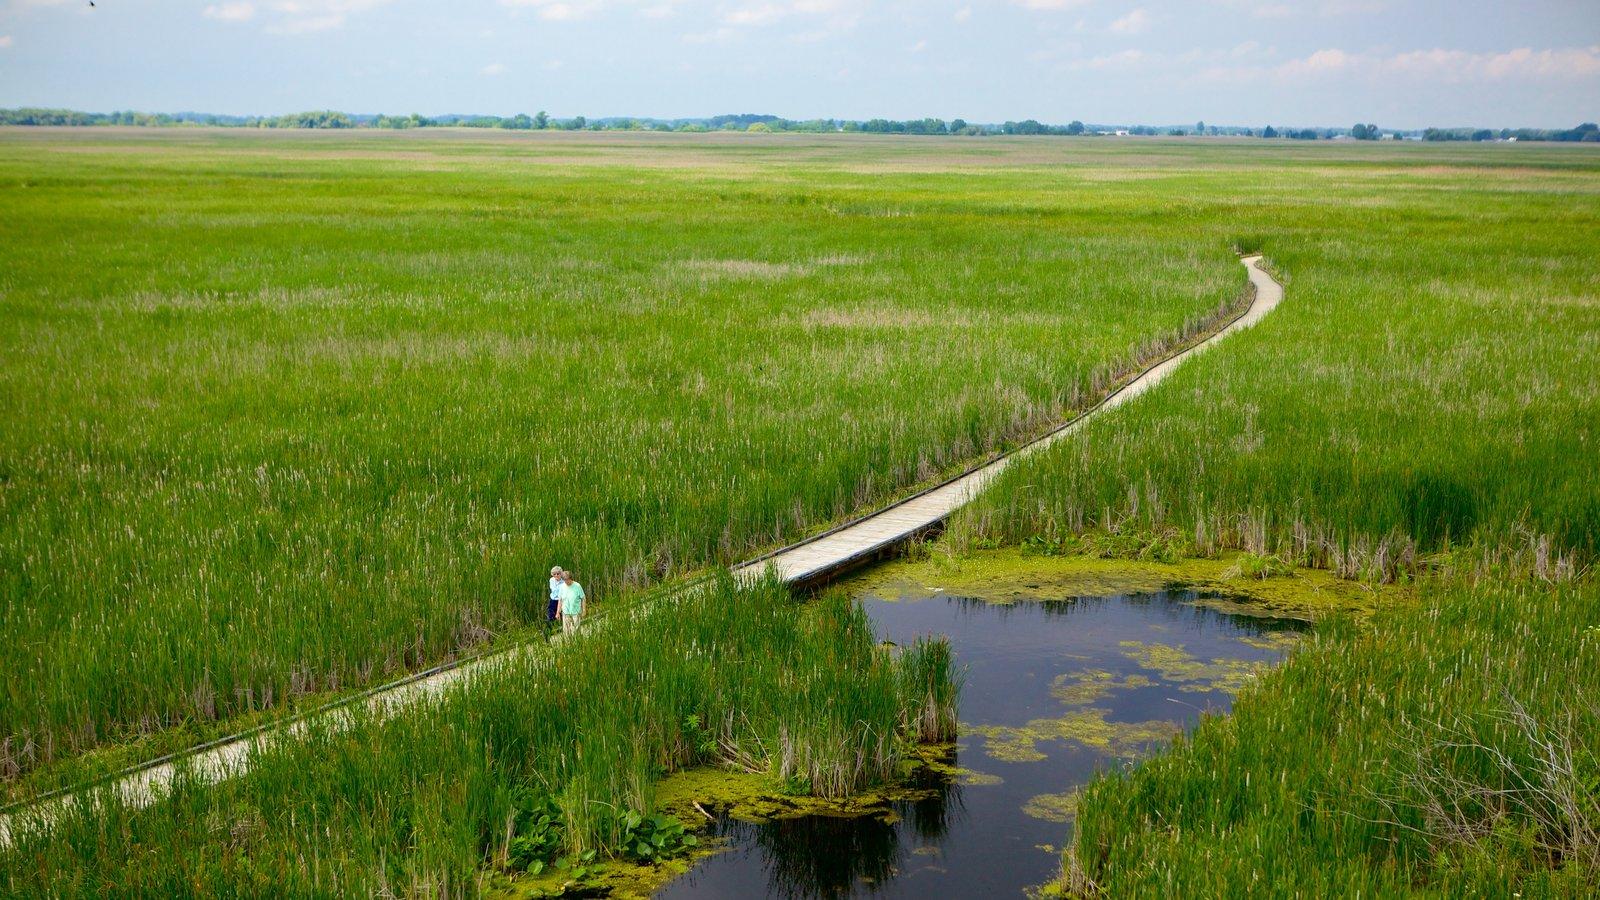 Point Pelee National Park mostrando cenas tranquilas, pântano e uma ponte